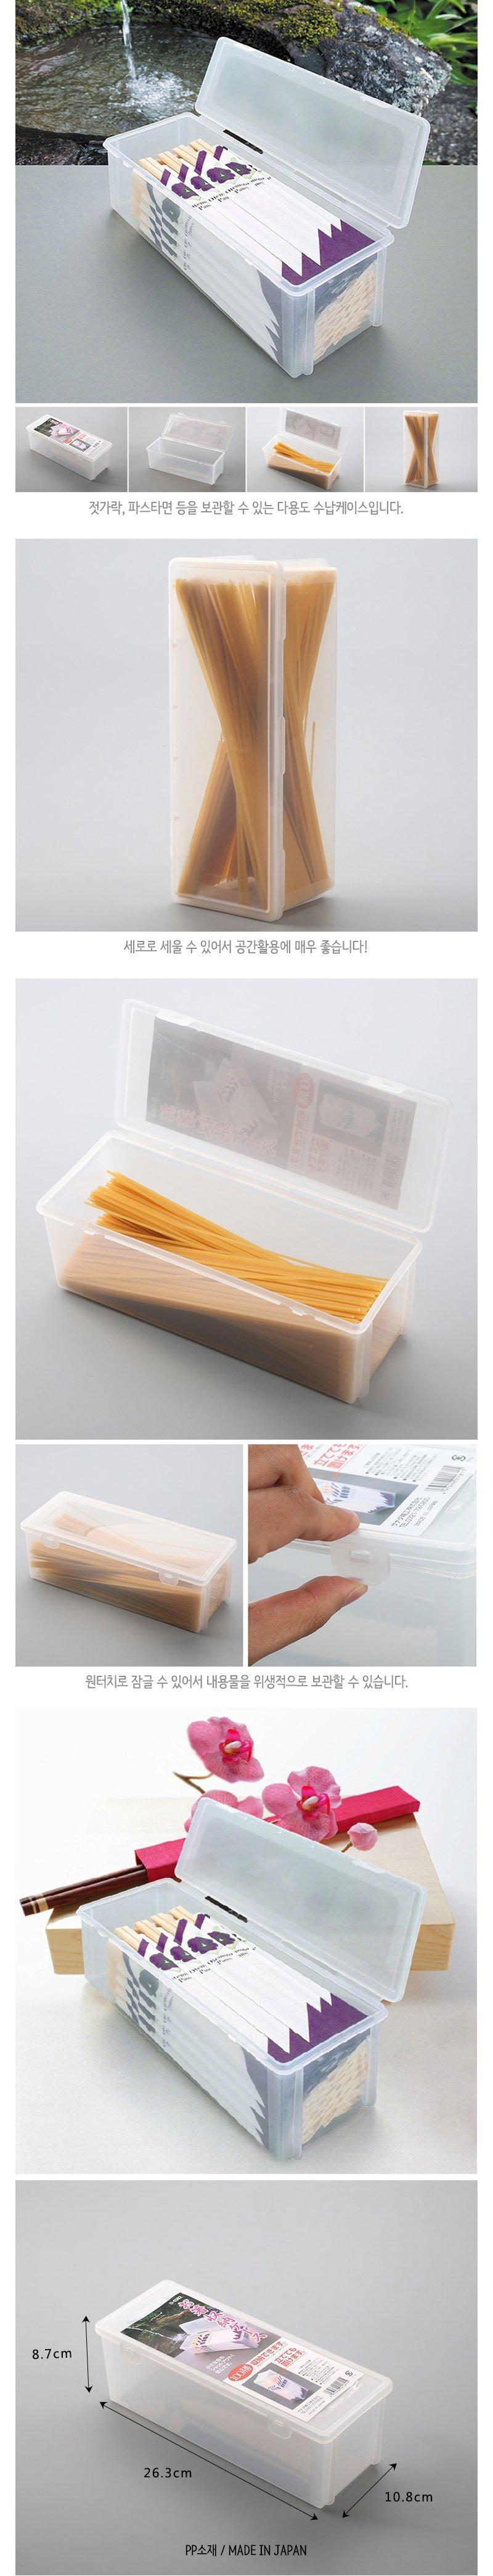 젓가락 수납케이스 - 실즈, 3,690원, 주방정리용품, 수저통